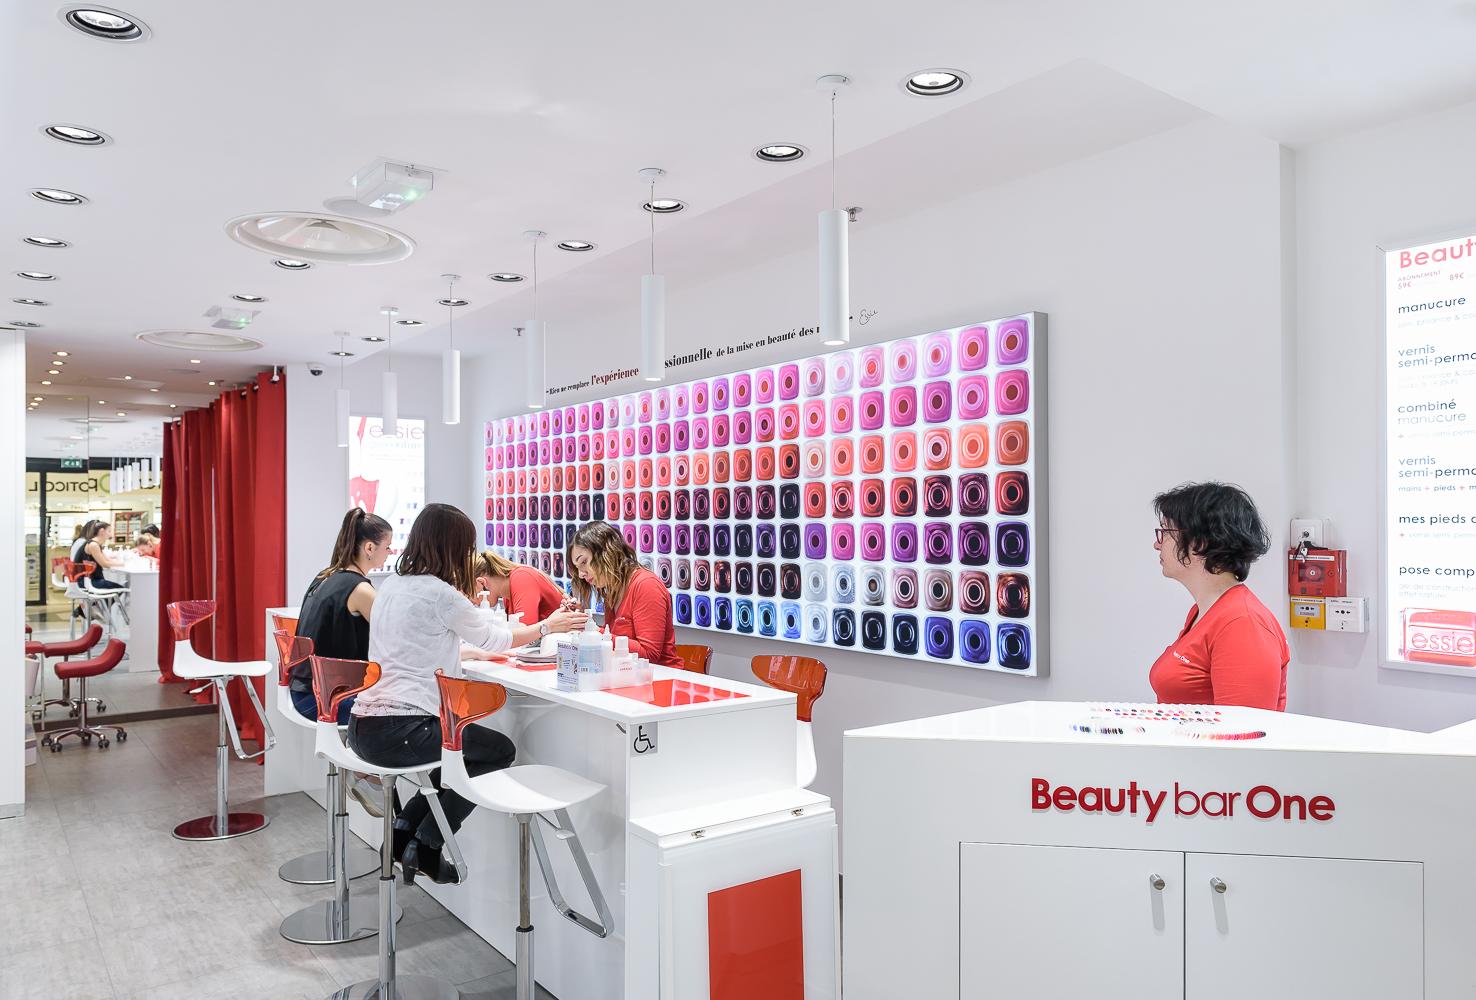 photographe corporate ©INTERVALphoto : Beauty Bar One, AVM Beauté, Rennes(35)